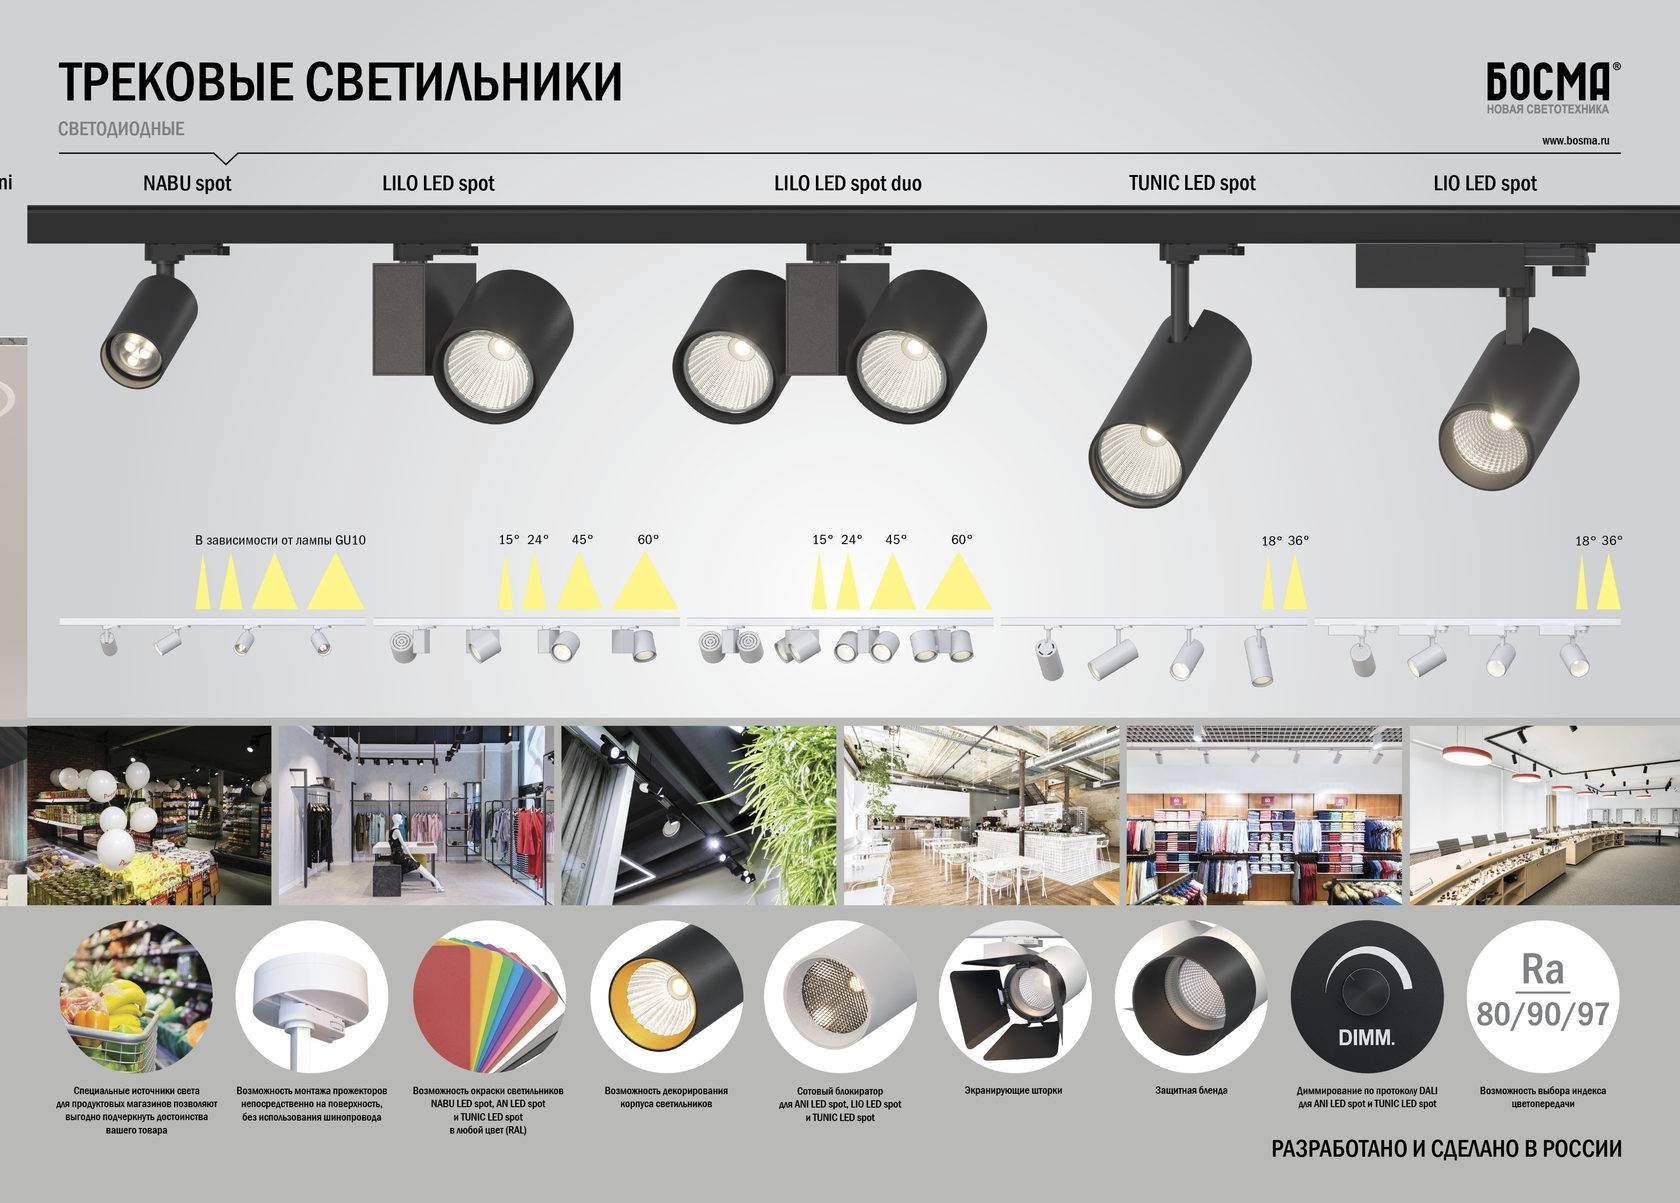 Каких размеров бывают точечные светильники в зависимости от предназначения